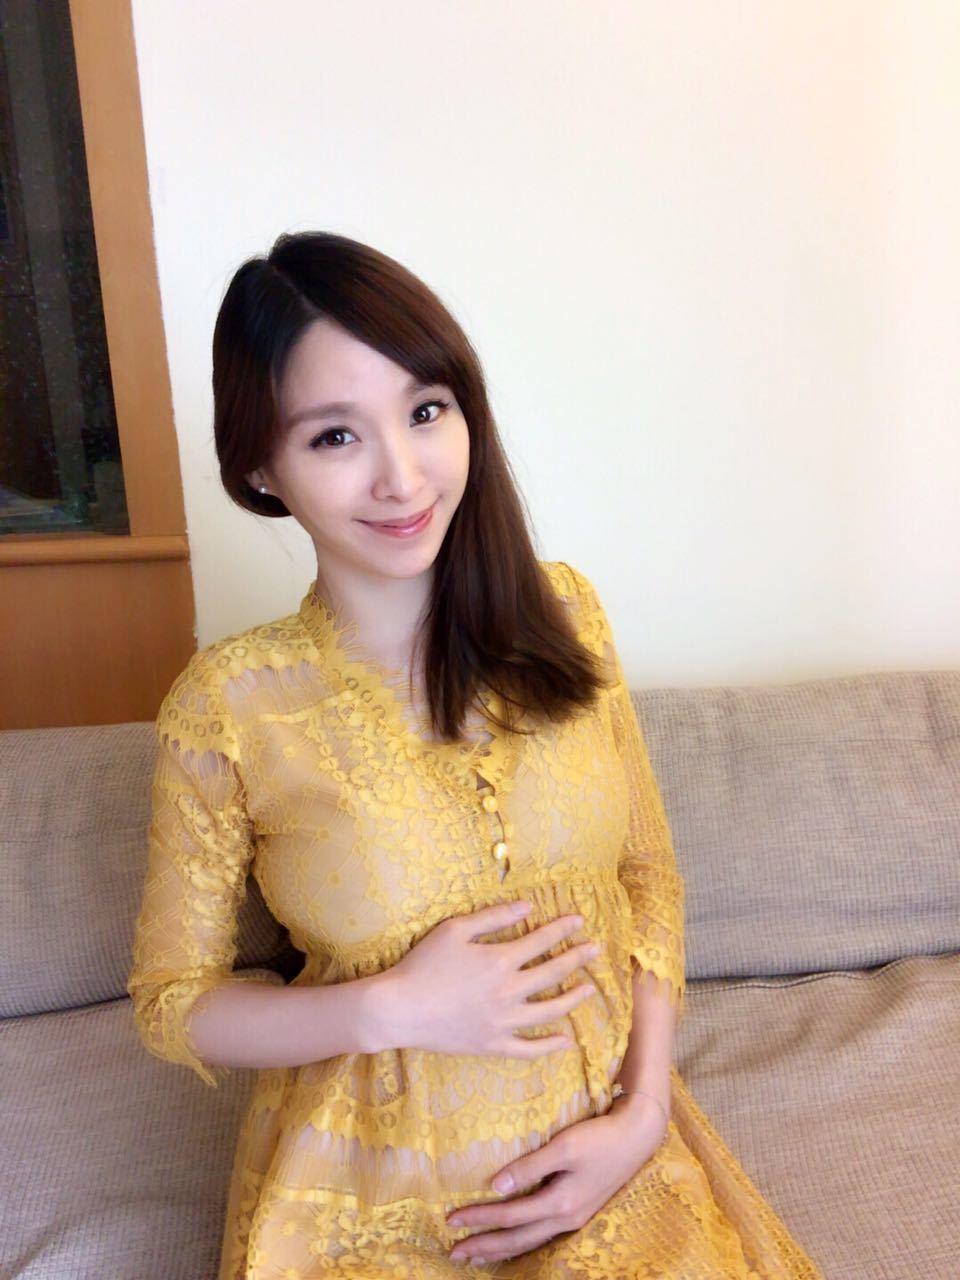 張宇目前已經懷孕滿5個月,肚裡是個男寶寶。圖/張宇提供